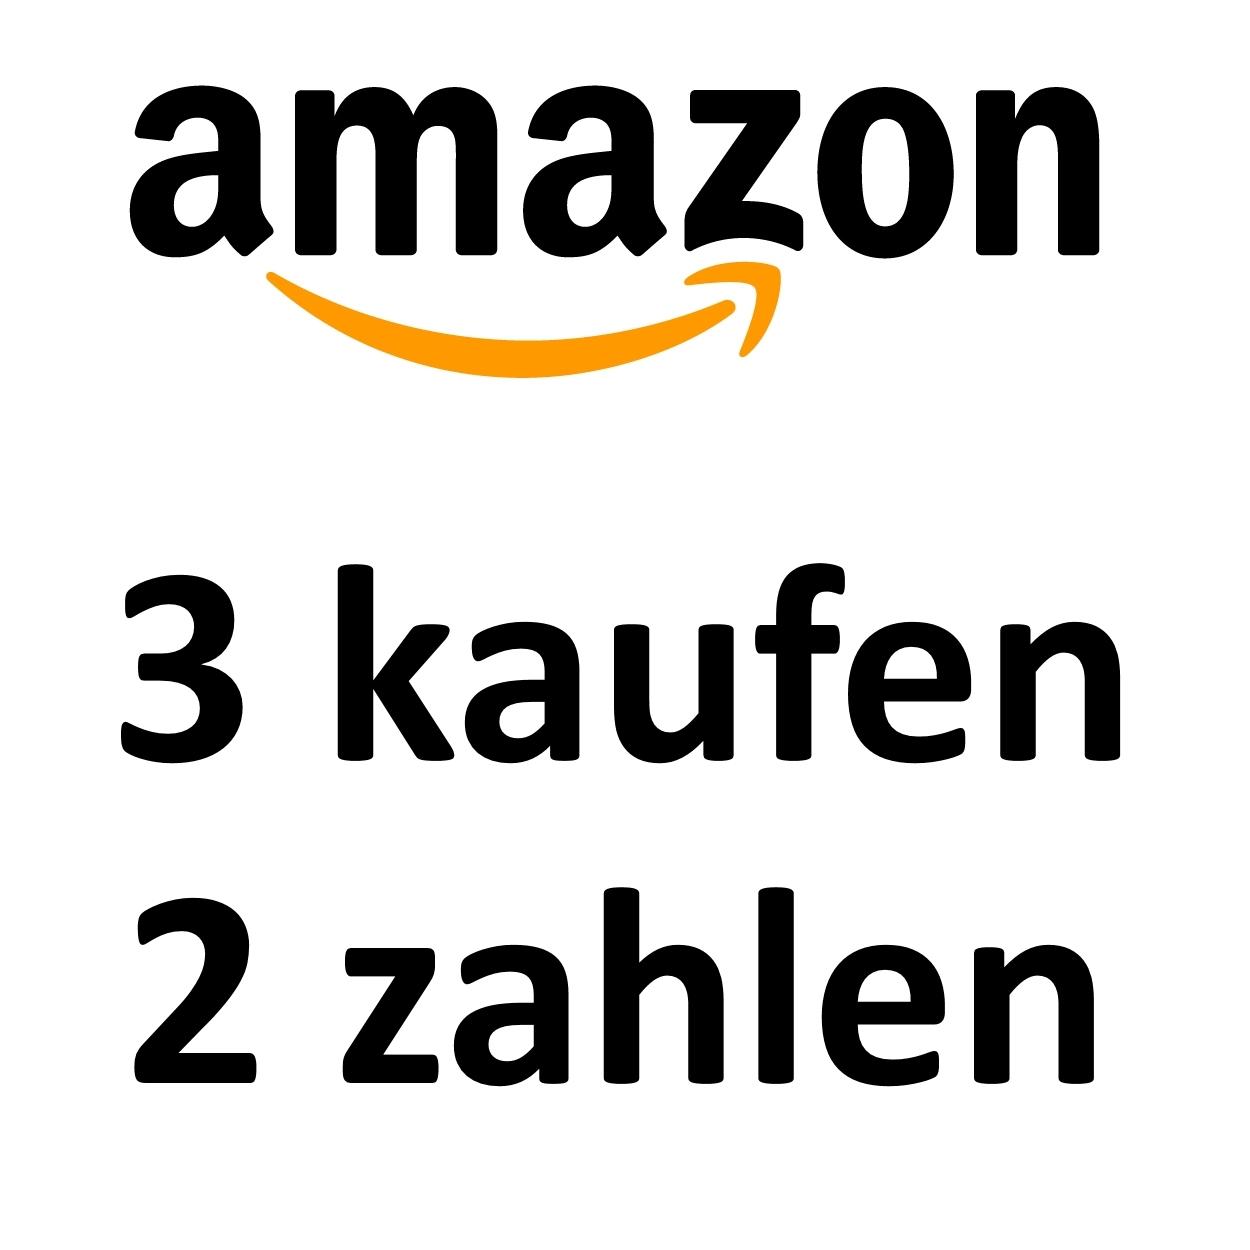 Amazon 3 kaufen 2 zahlen auf fast das gesamte Film und Musik Sortiment